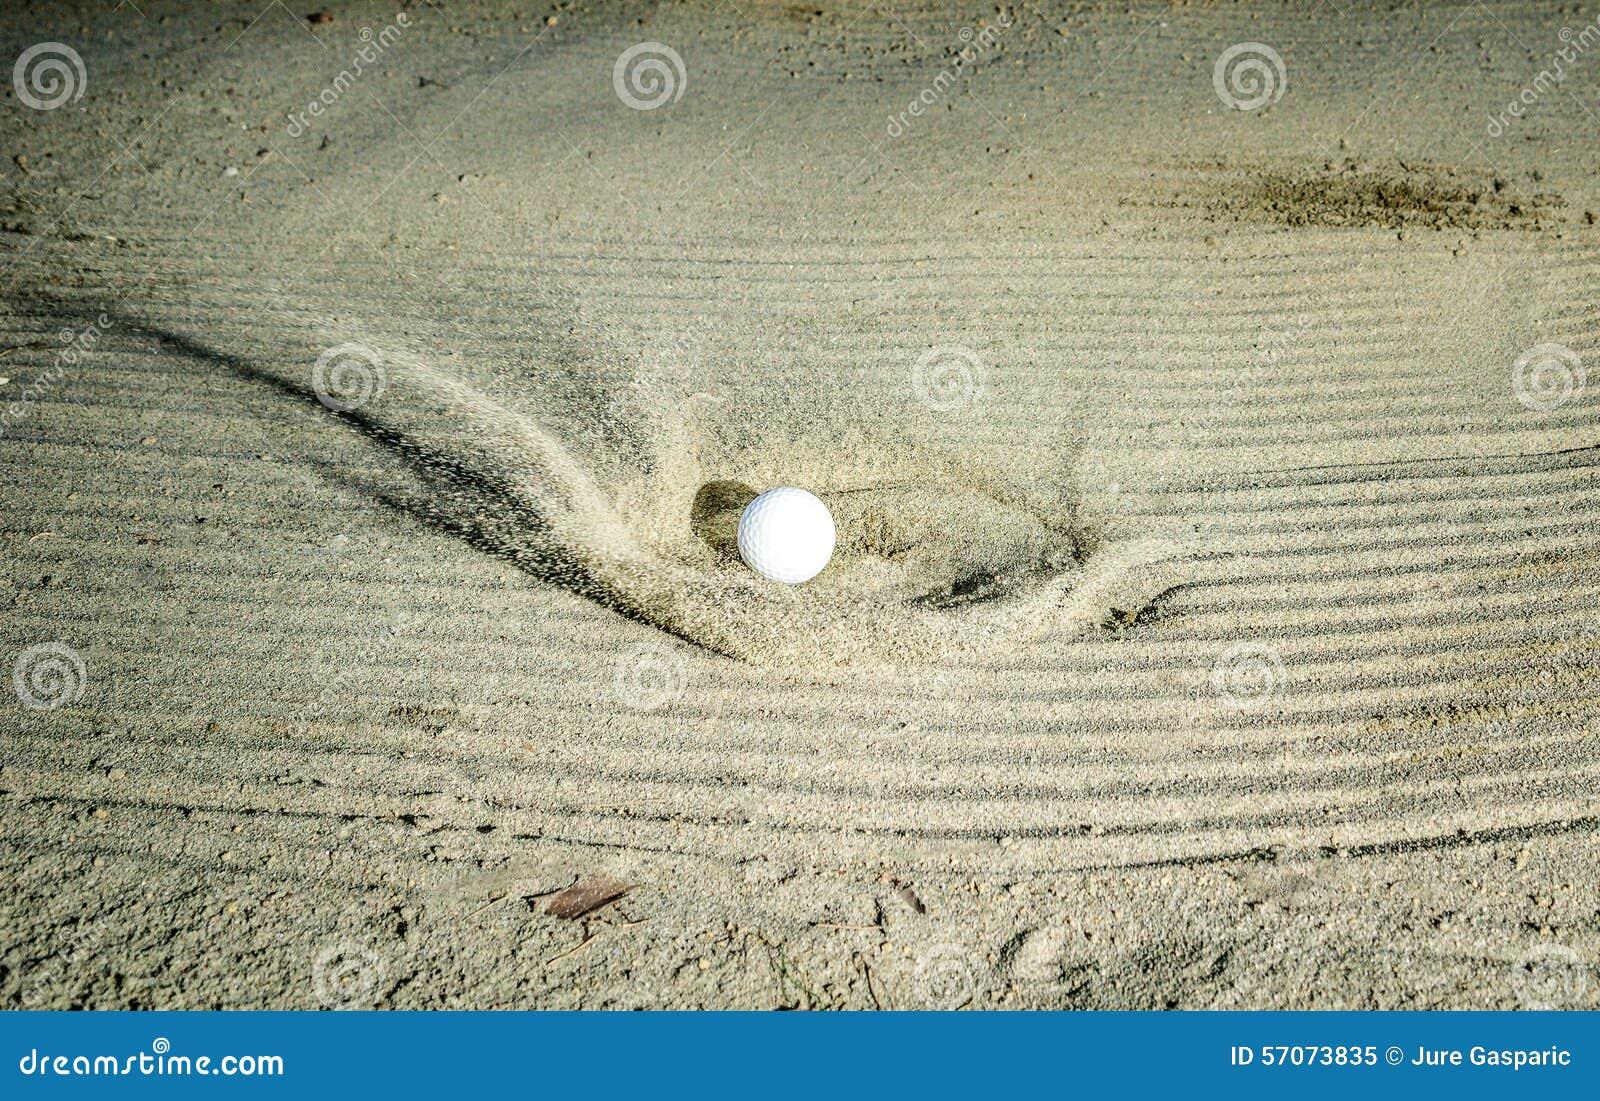 Golfbal die de zandbunker raken